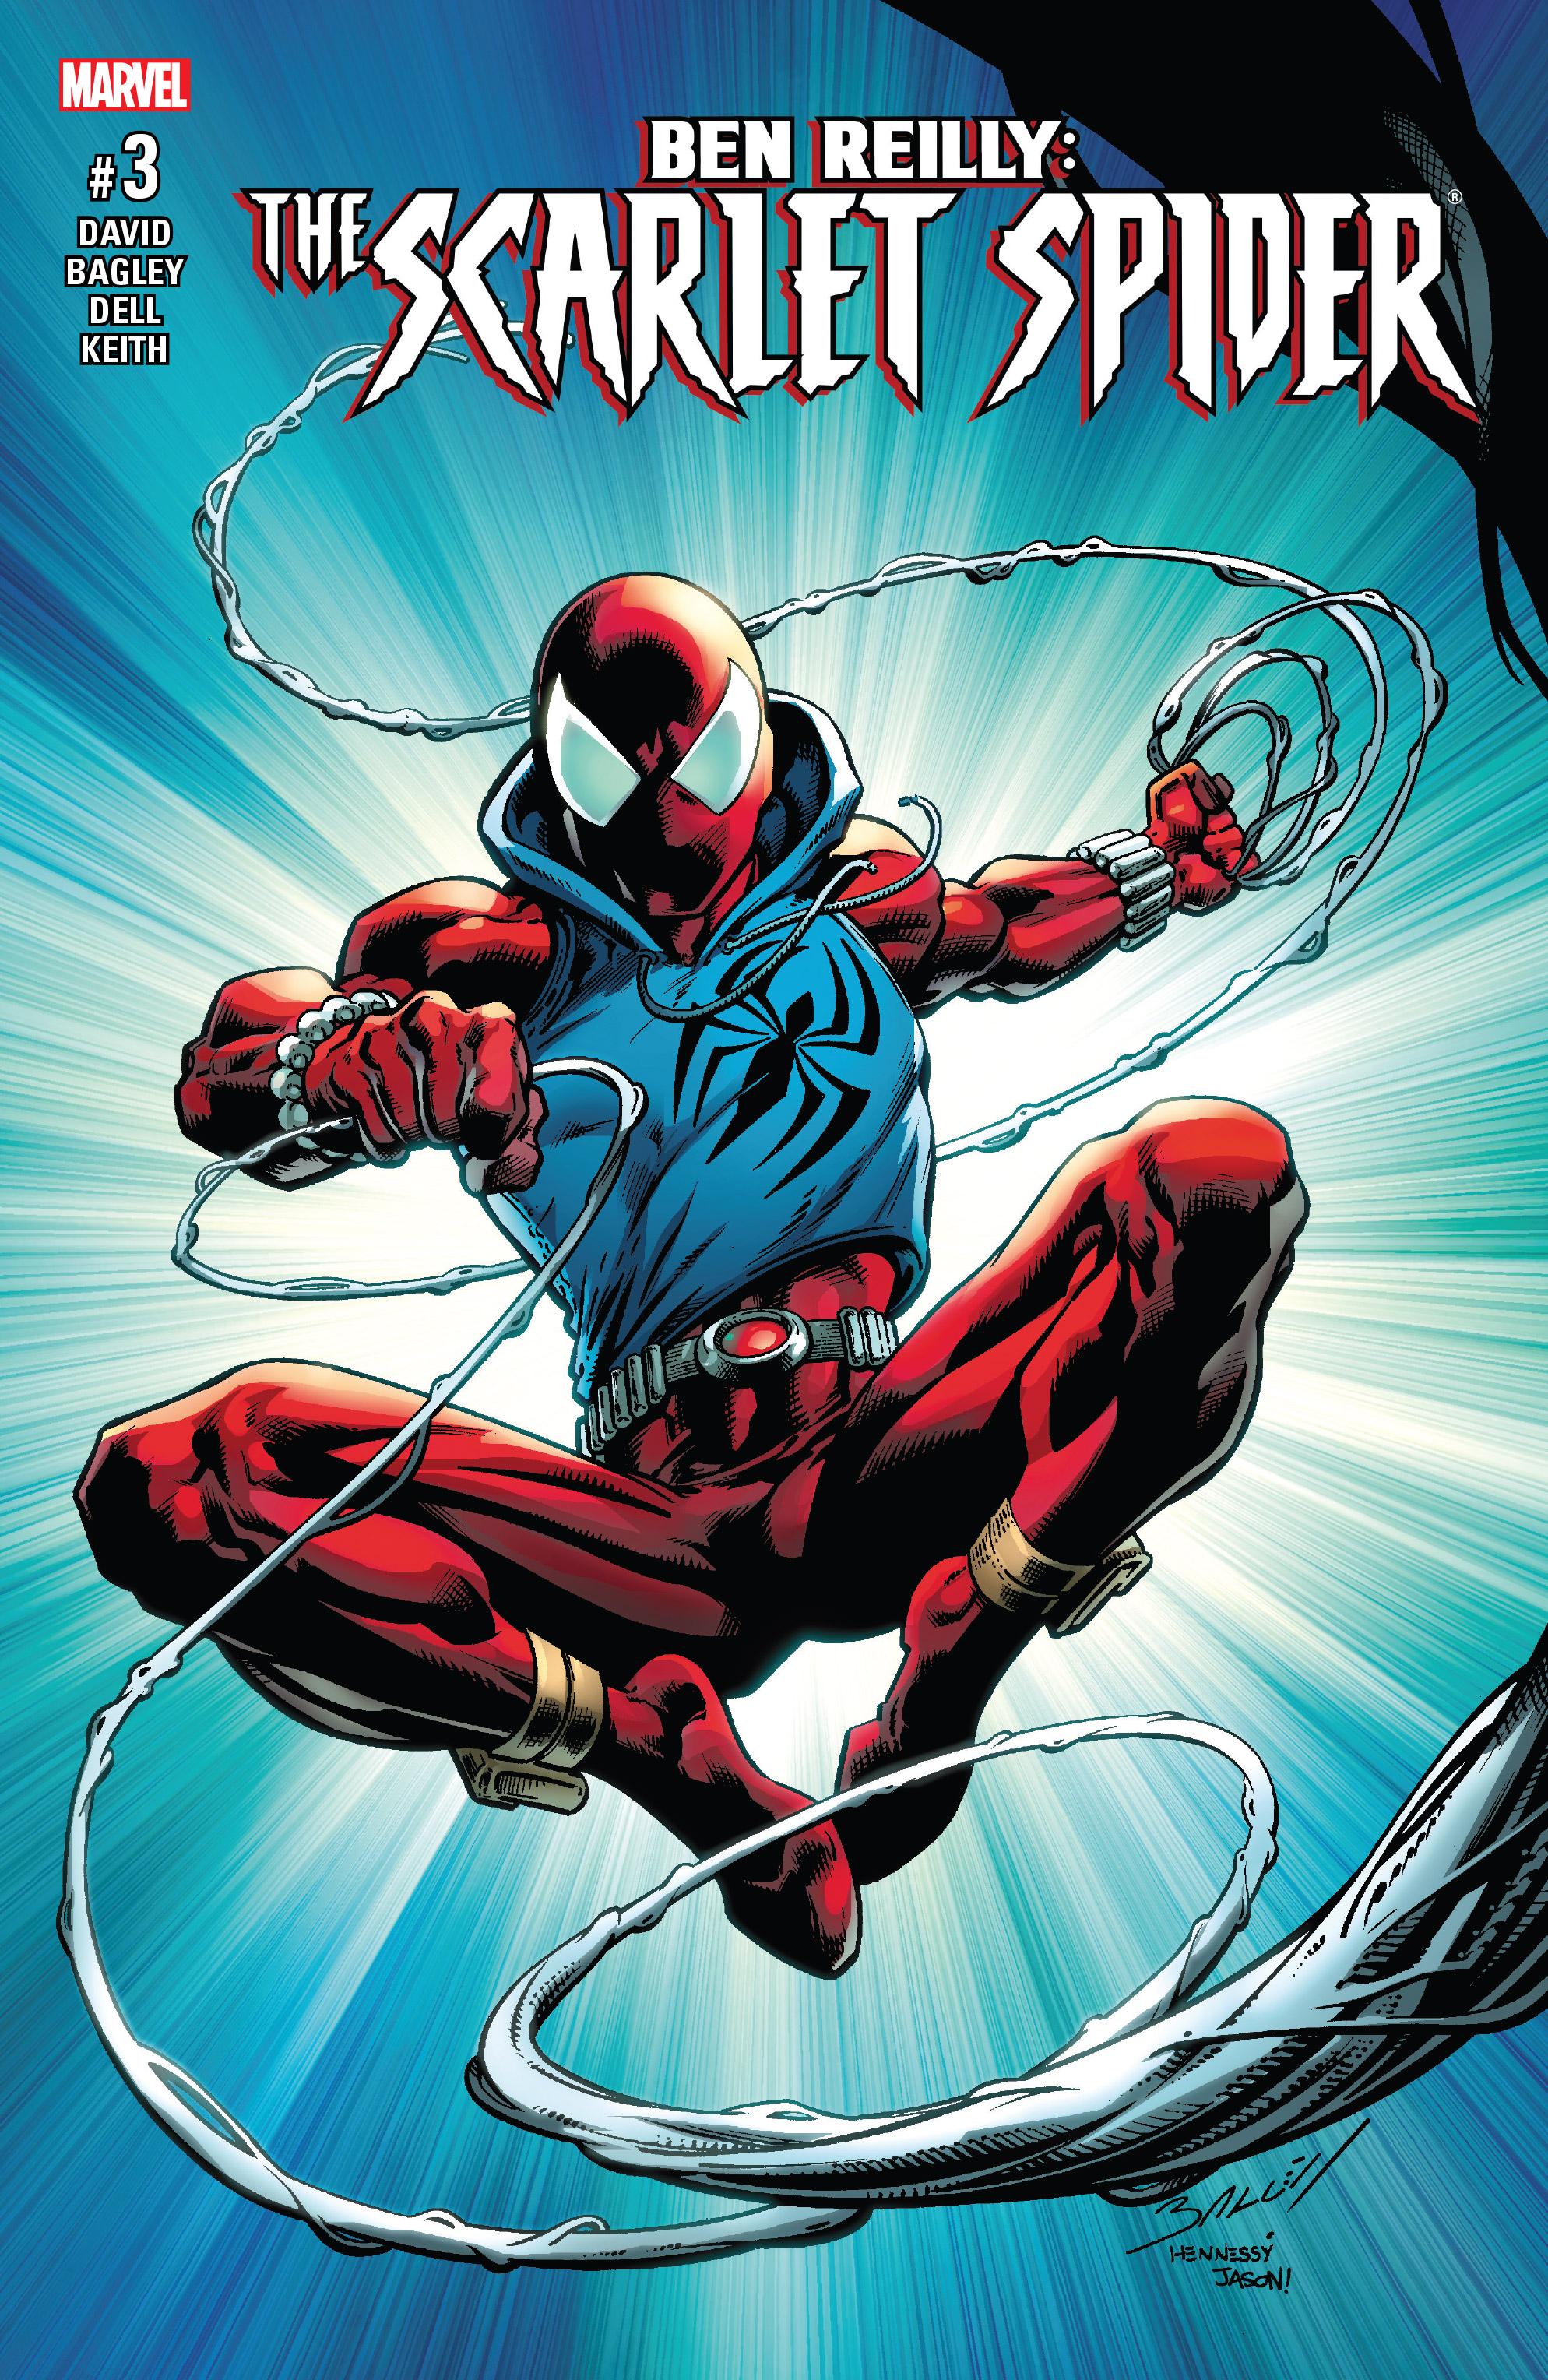 Read online Ben Reilly: Scarlet Spider comic -  Issue #3 - 1